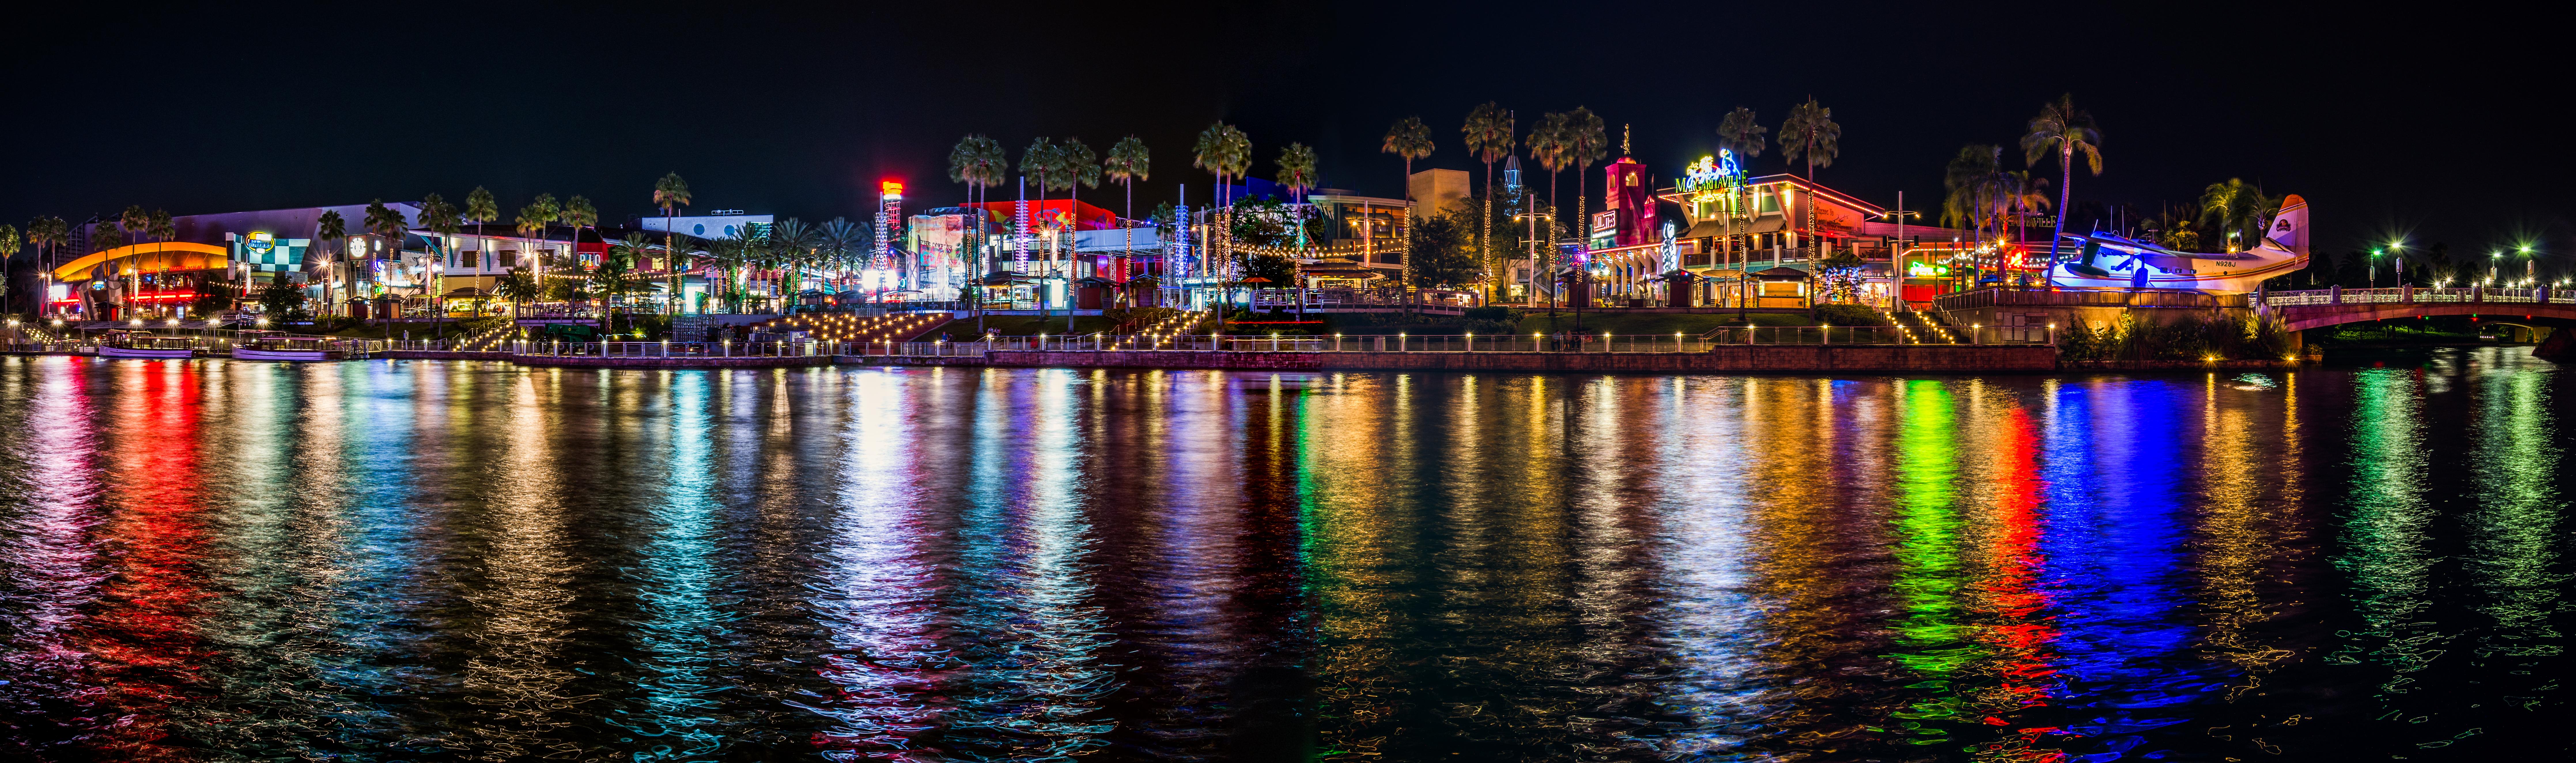 Universal CityWalk Panorama.jpg